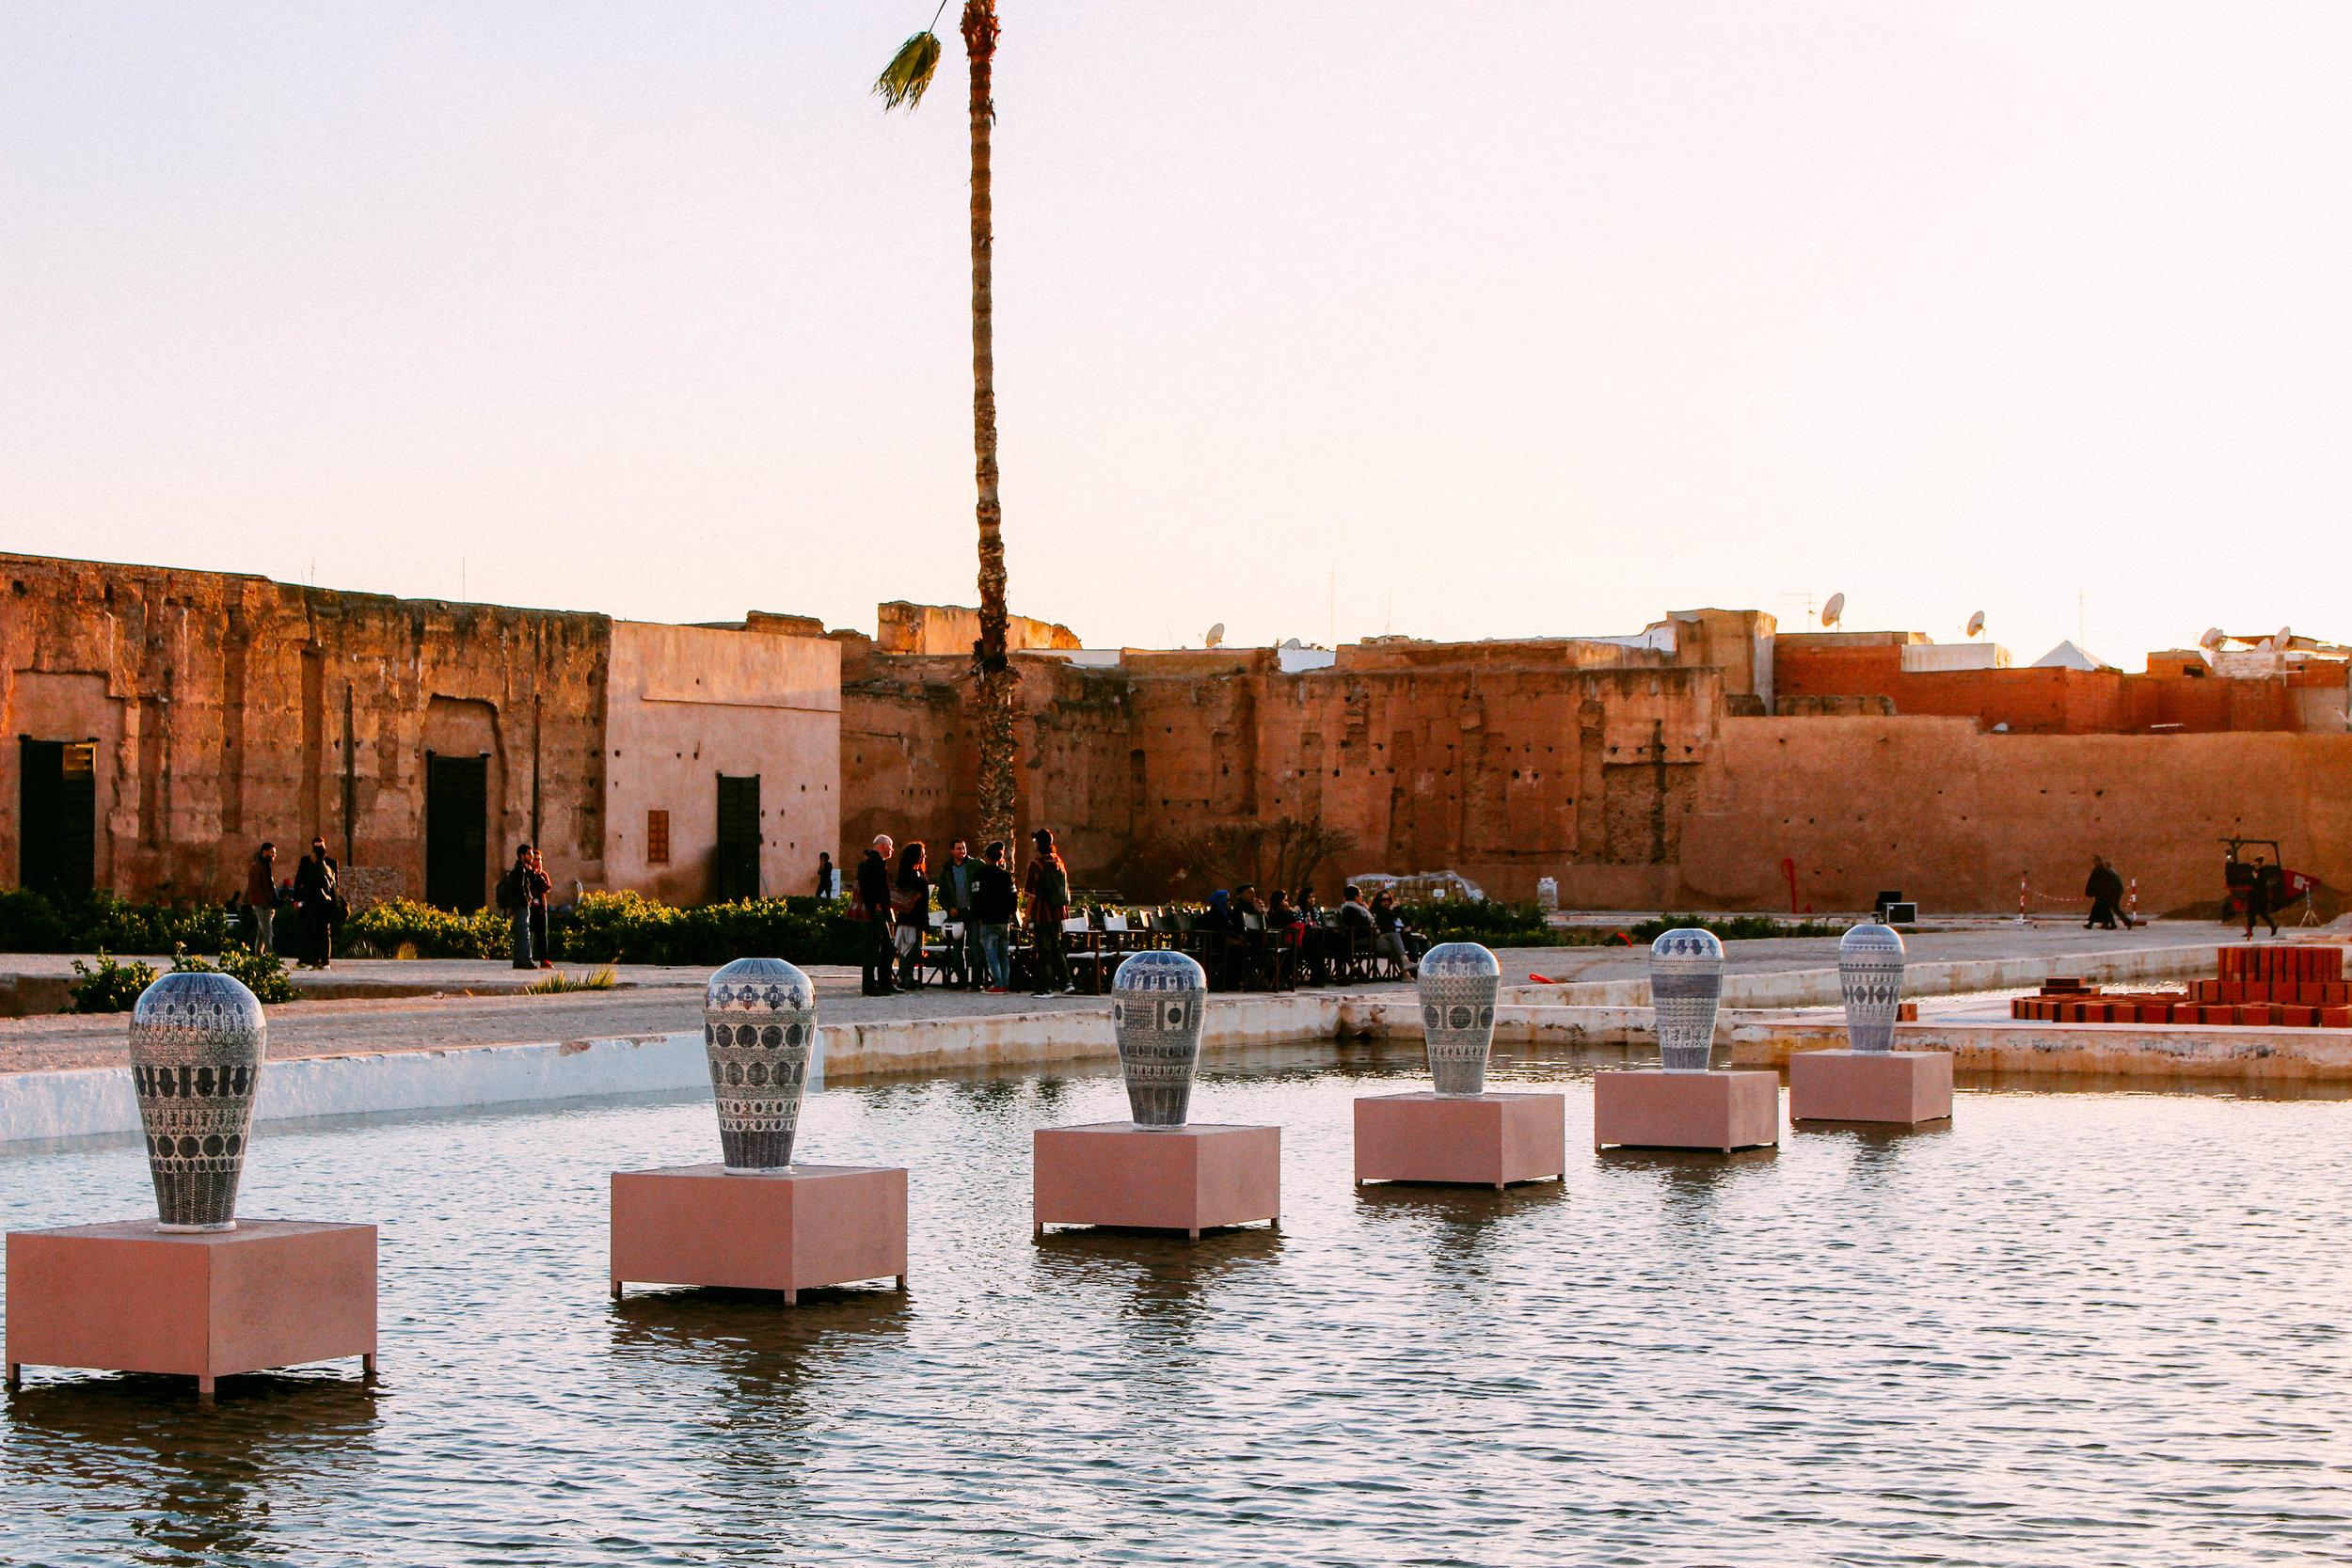 El Baadi Ruins Marrakech